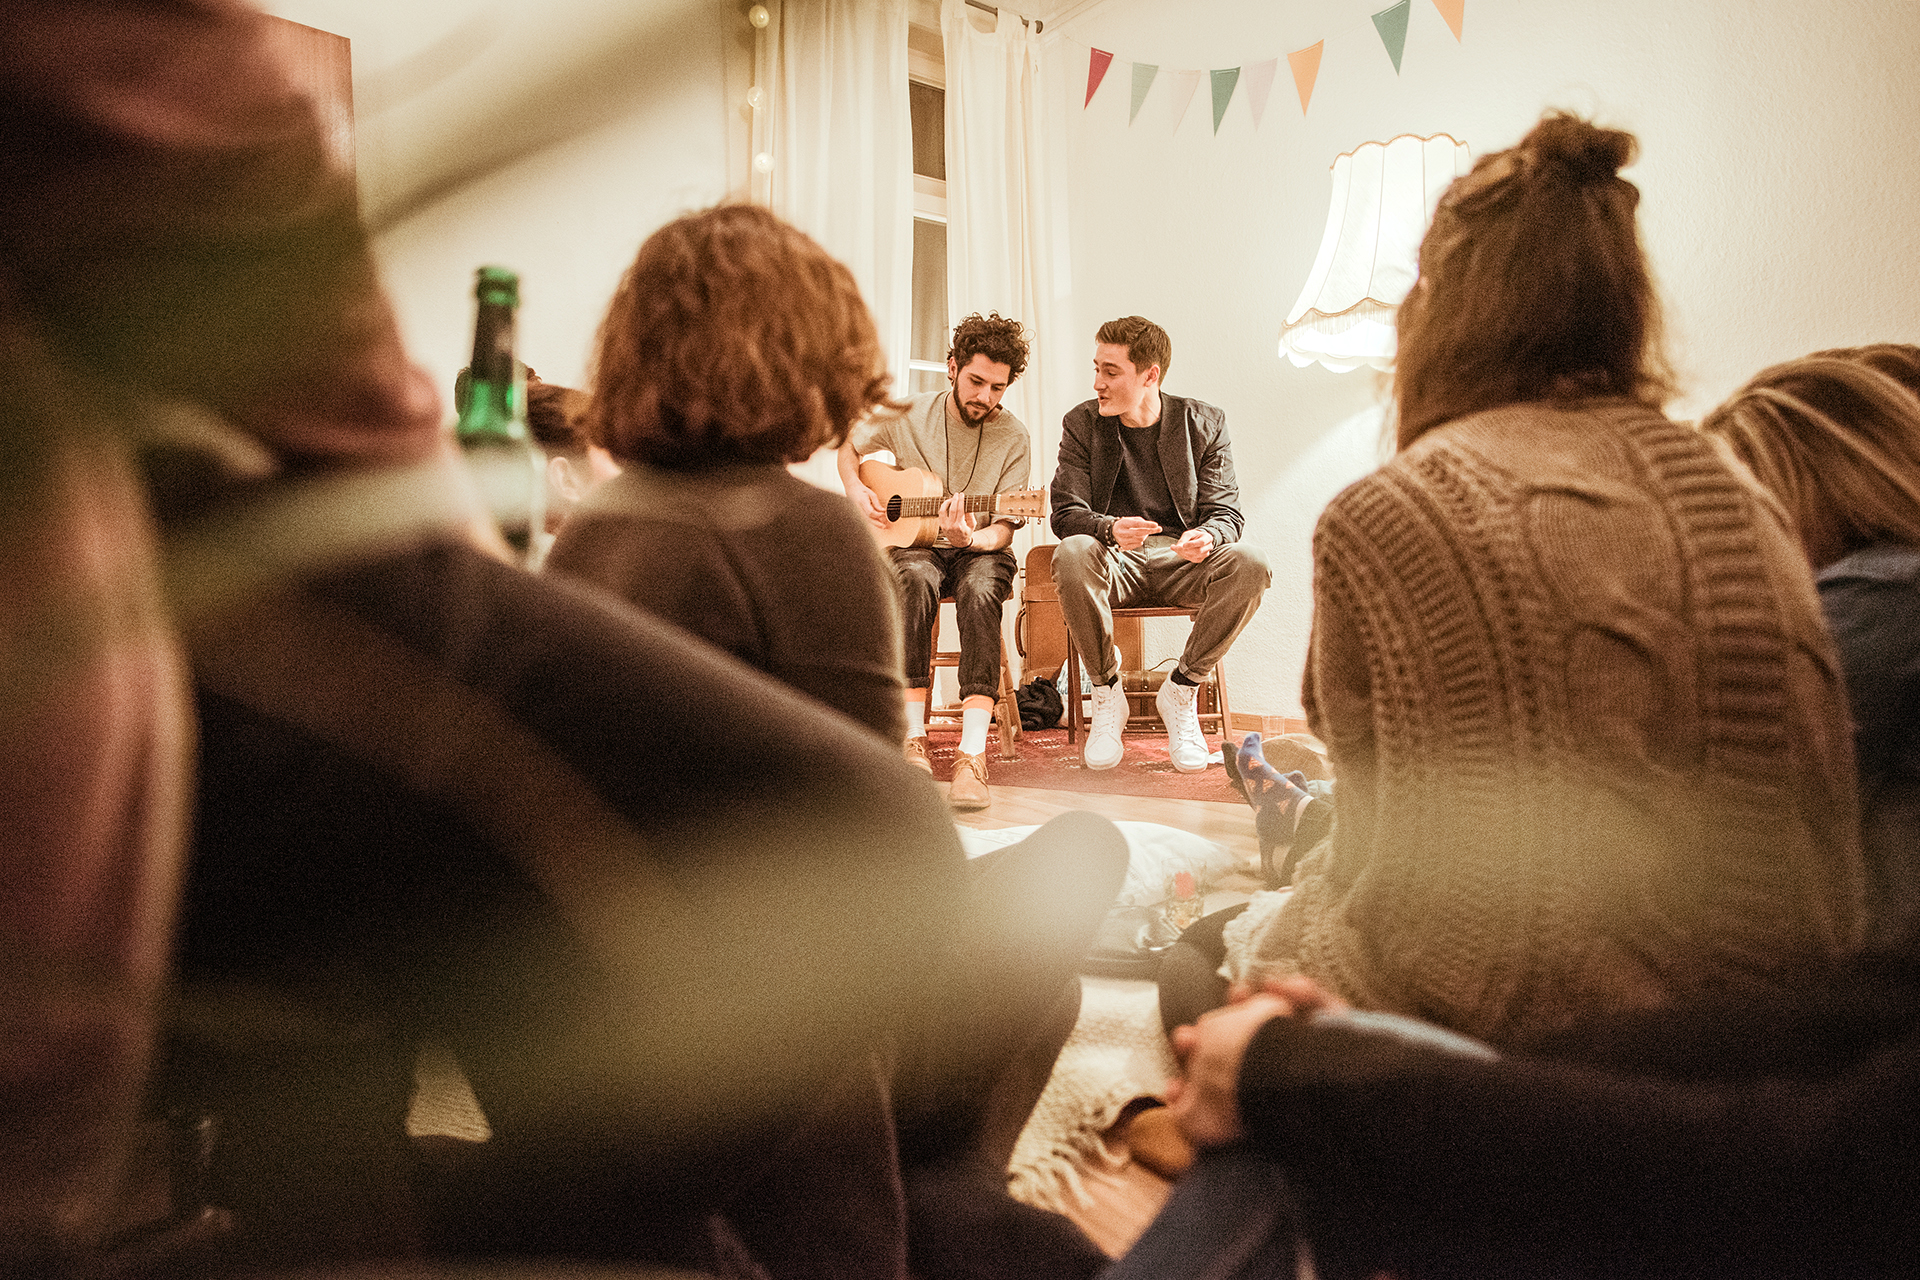 MUSIC CREATES WATER bringt Musiker und Musikliebhaber in entspannter Atmosphäre zusammen